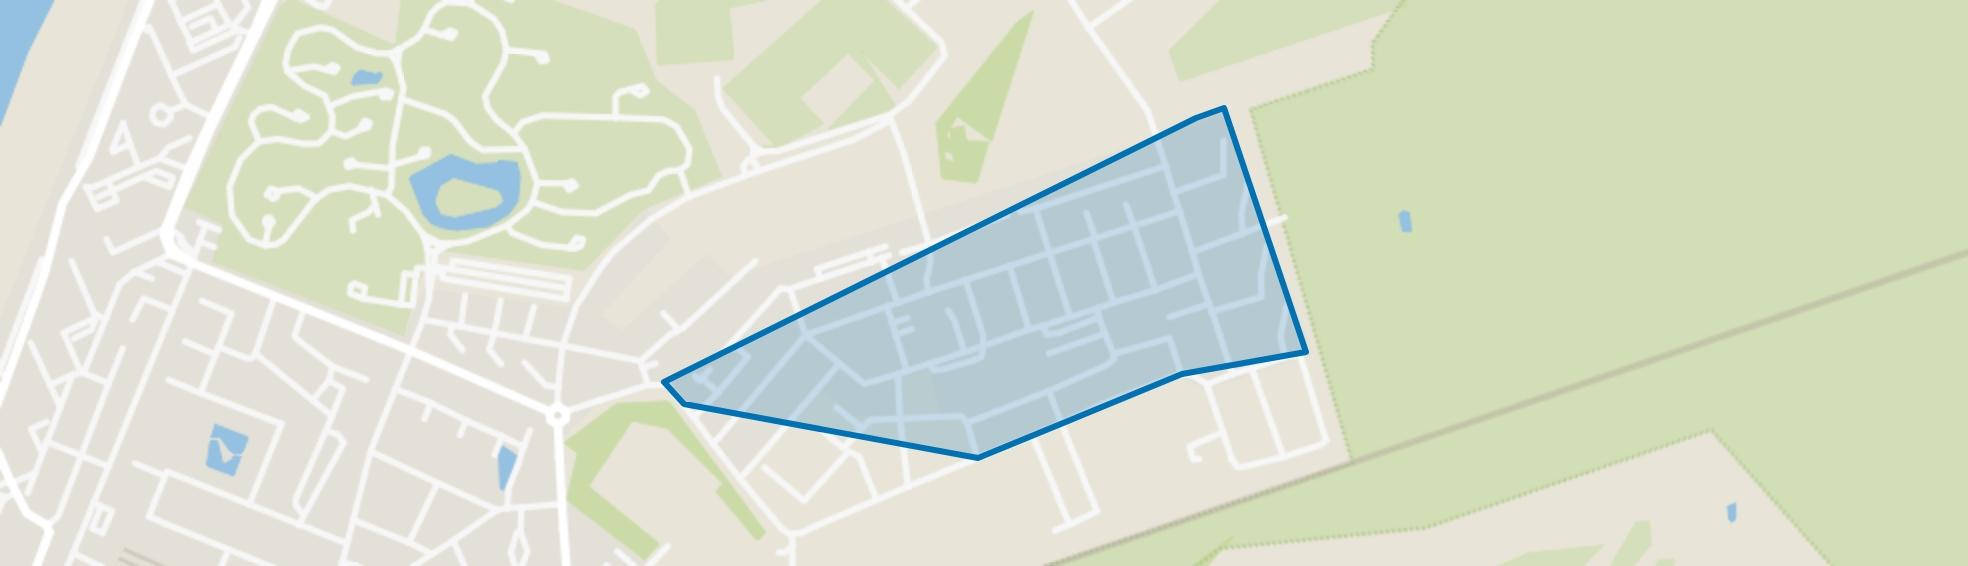 Nieuw Noord - wonen, Zandvoort map